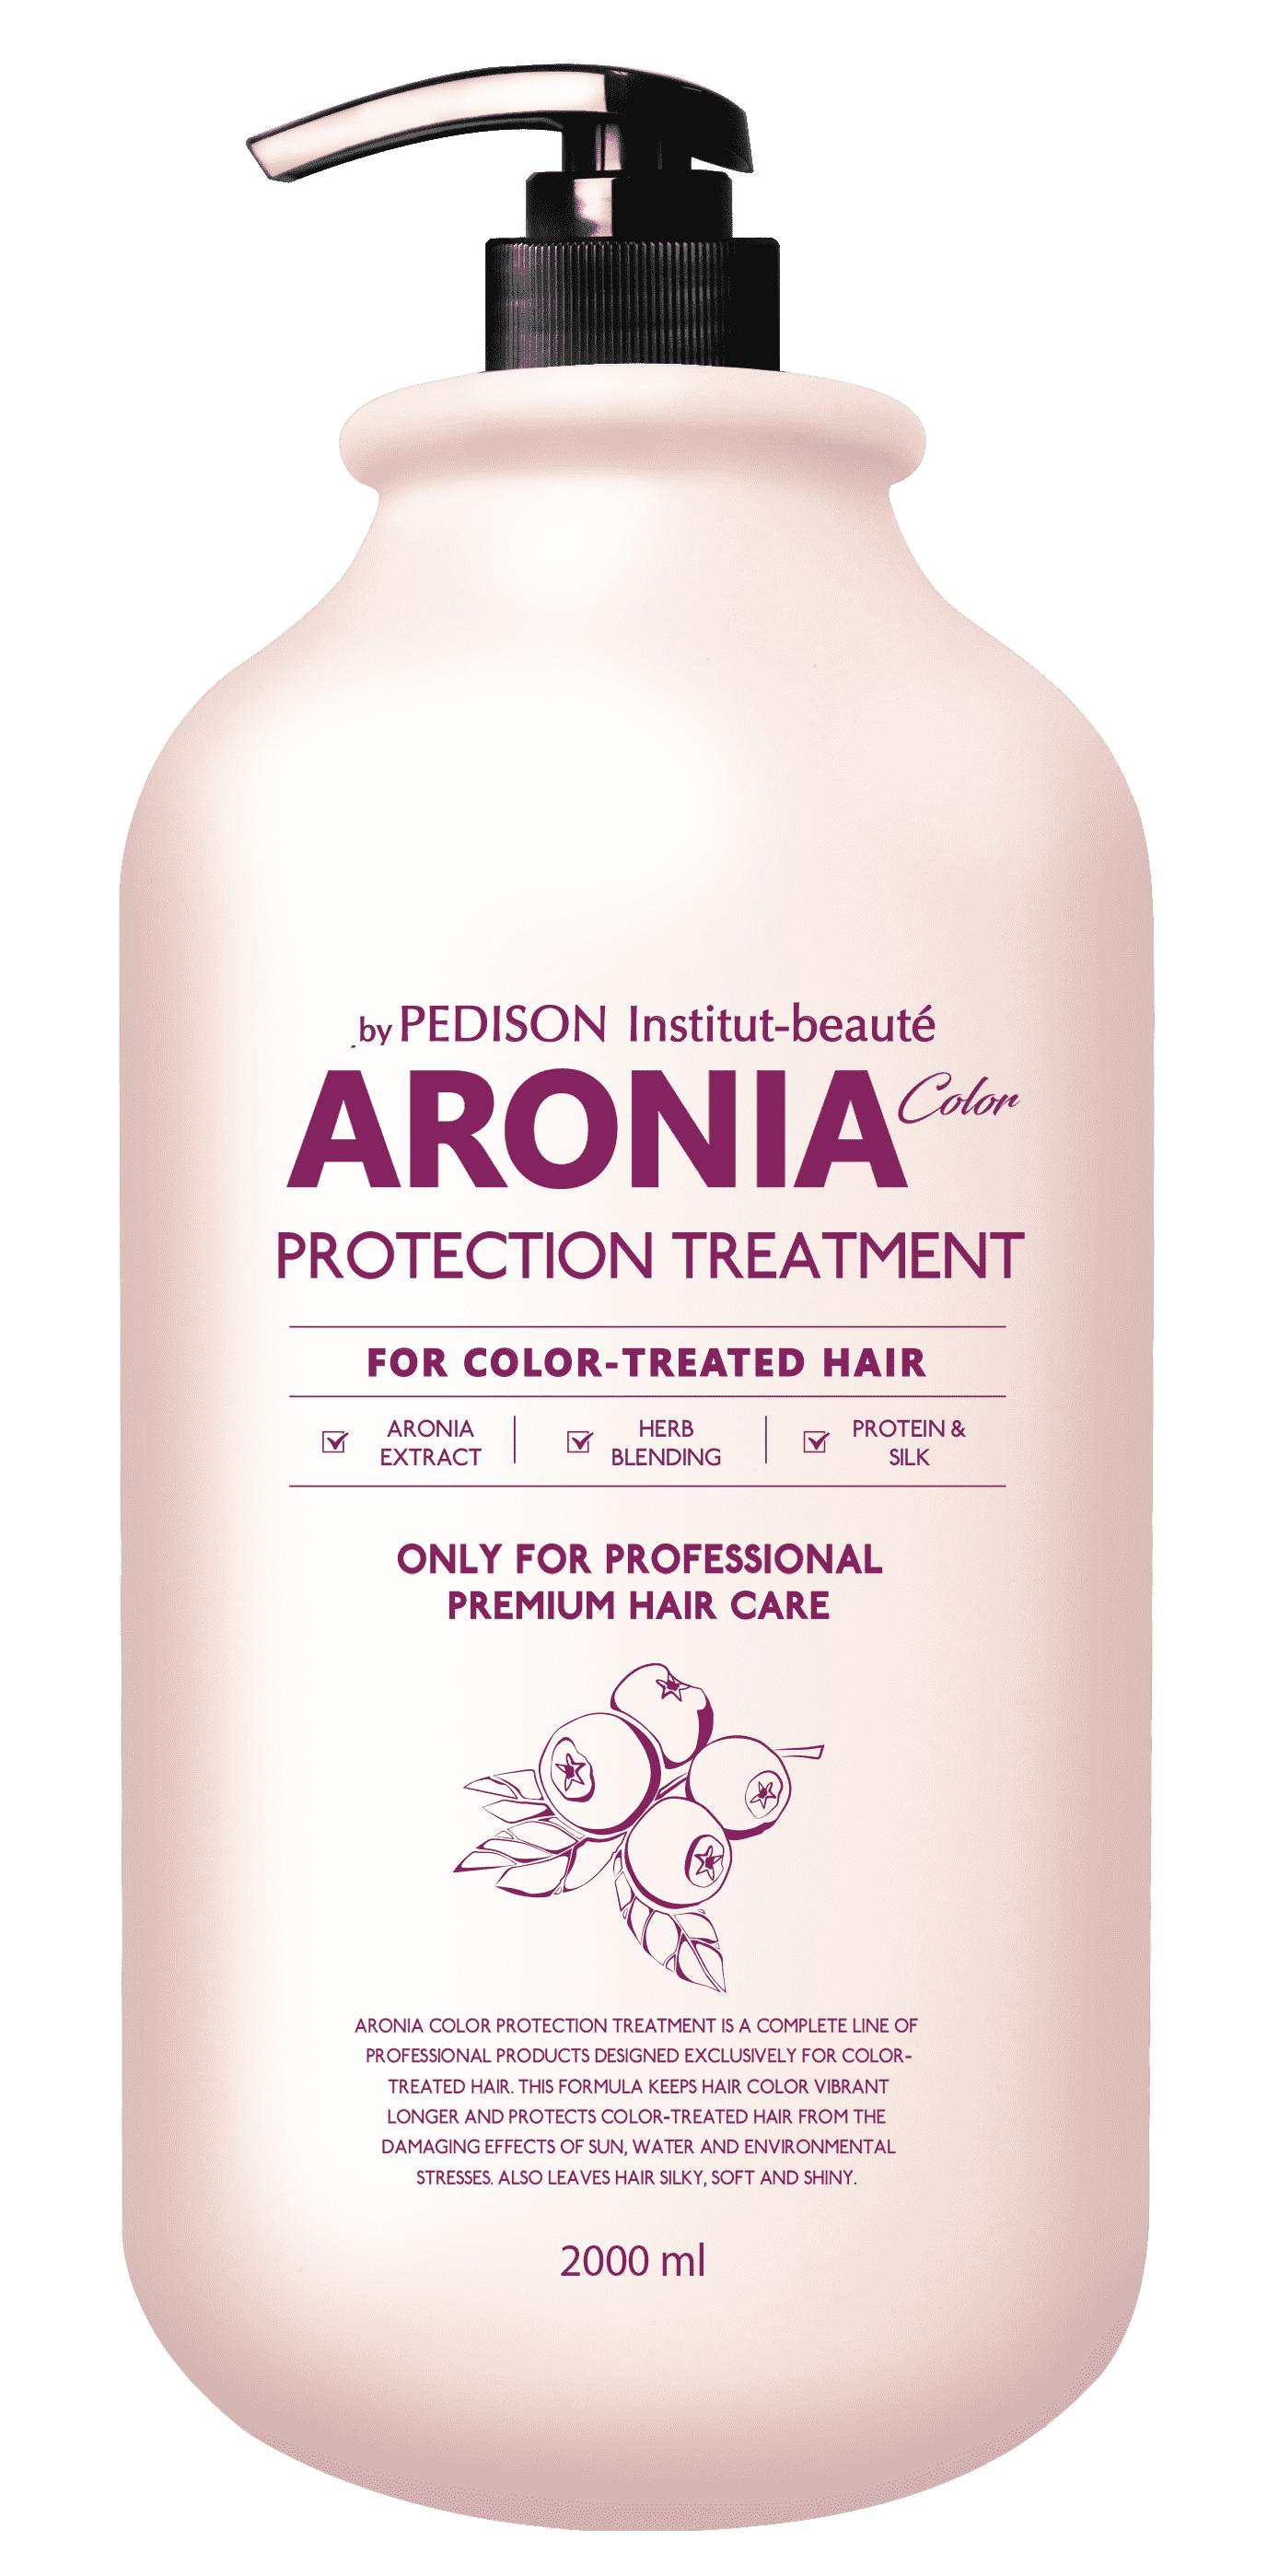 Купить EVAS Маска для волос Арония / Pedison Institute-beaut Aronia Color Protection Treatment 2000 мл